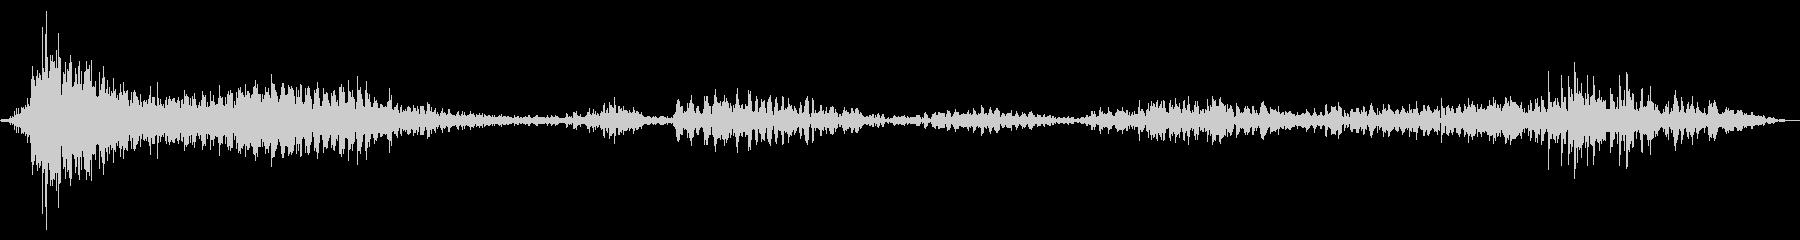 ベンガルタイガー:鳴き声と鳴き声、...の未再生の波形